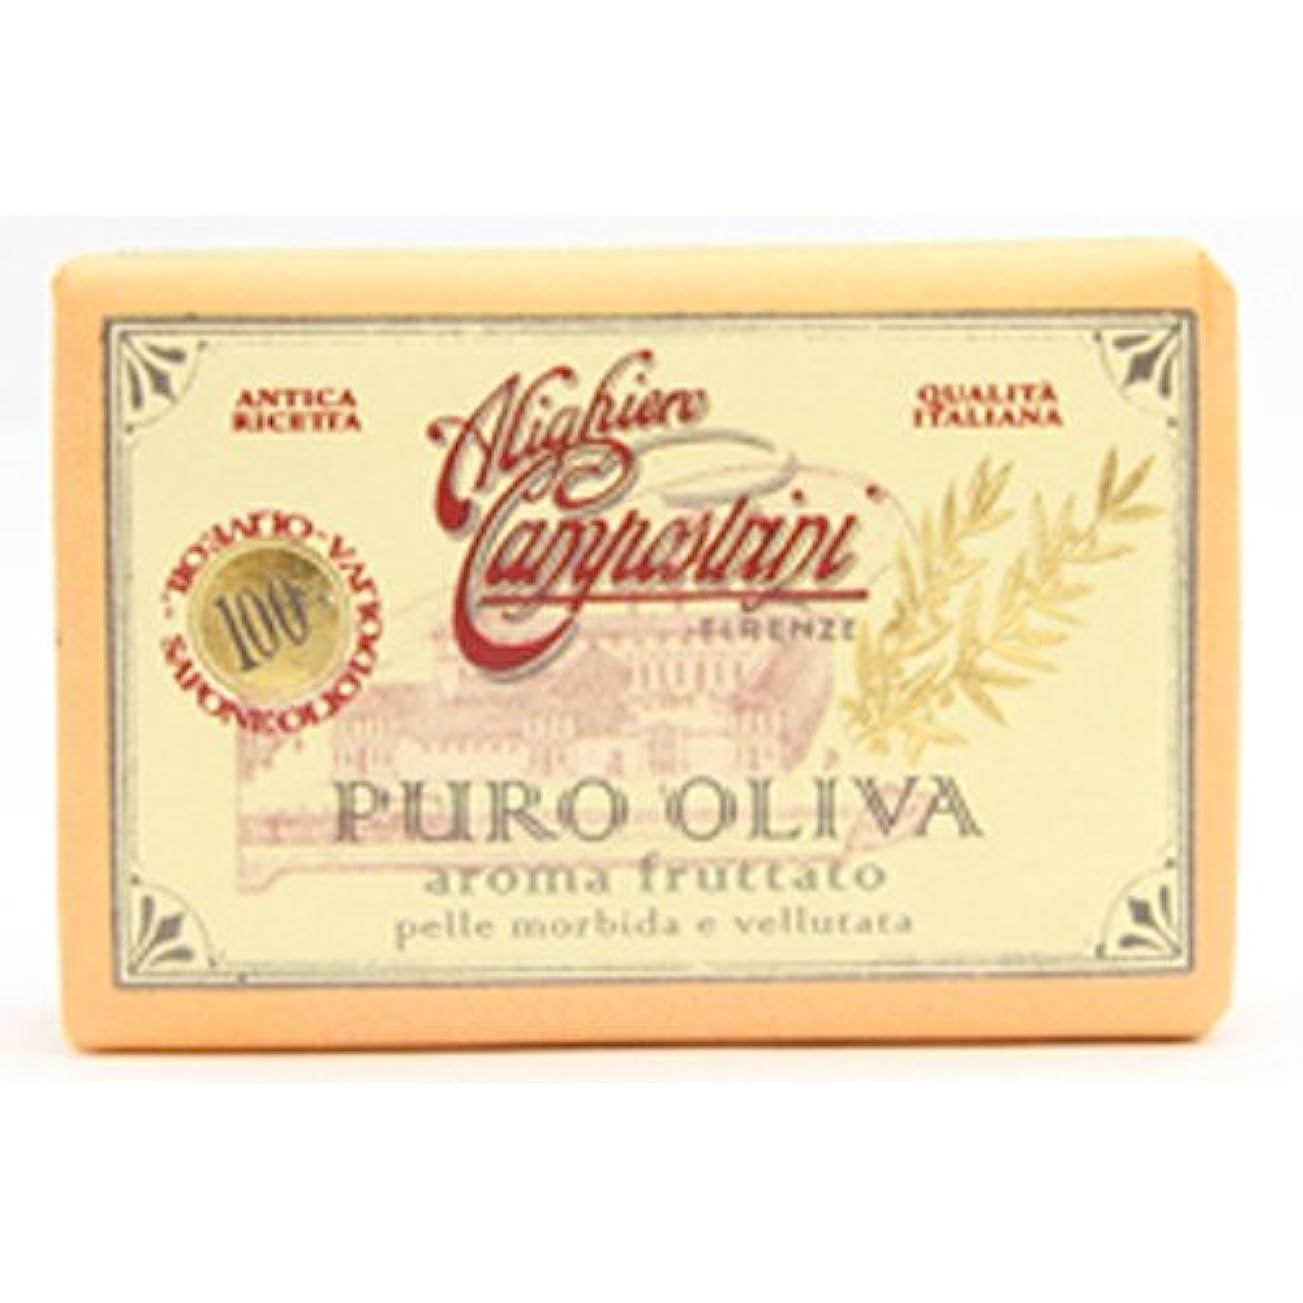 エスカレートヘクタール禁じるSaponerire Fissi サポネリーフィッシー PURO OLIVA Soap オリーブオイル ピュロ ソープ Aroma fruttato フルーツ(オレンジ)